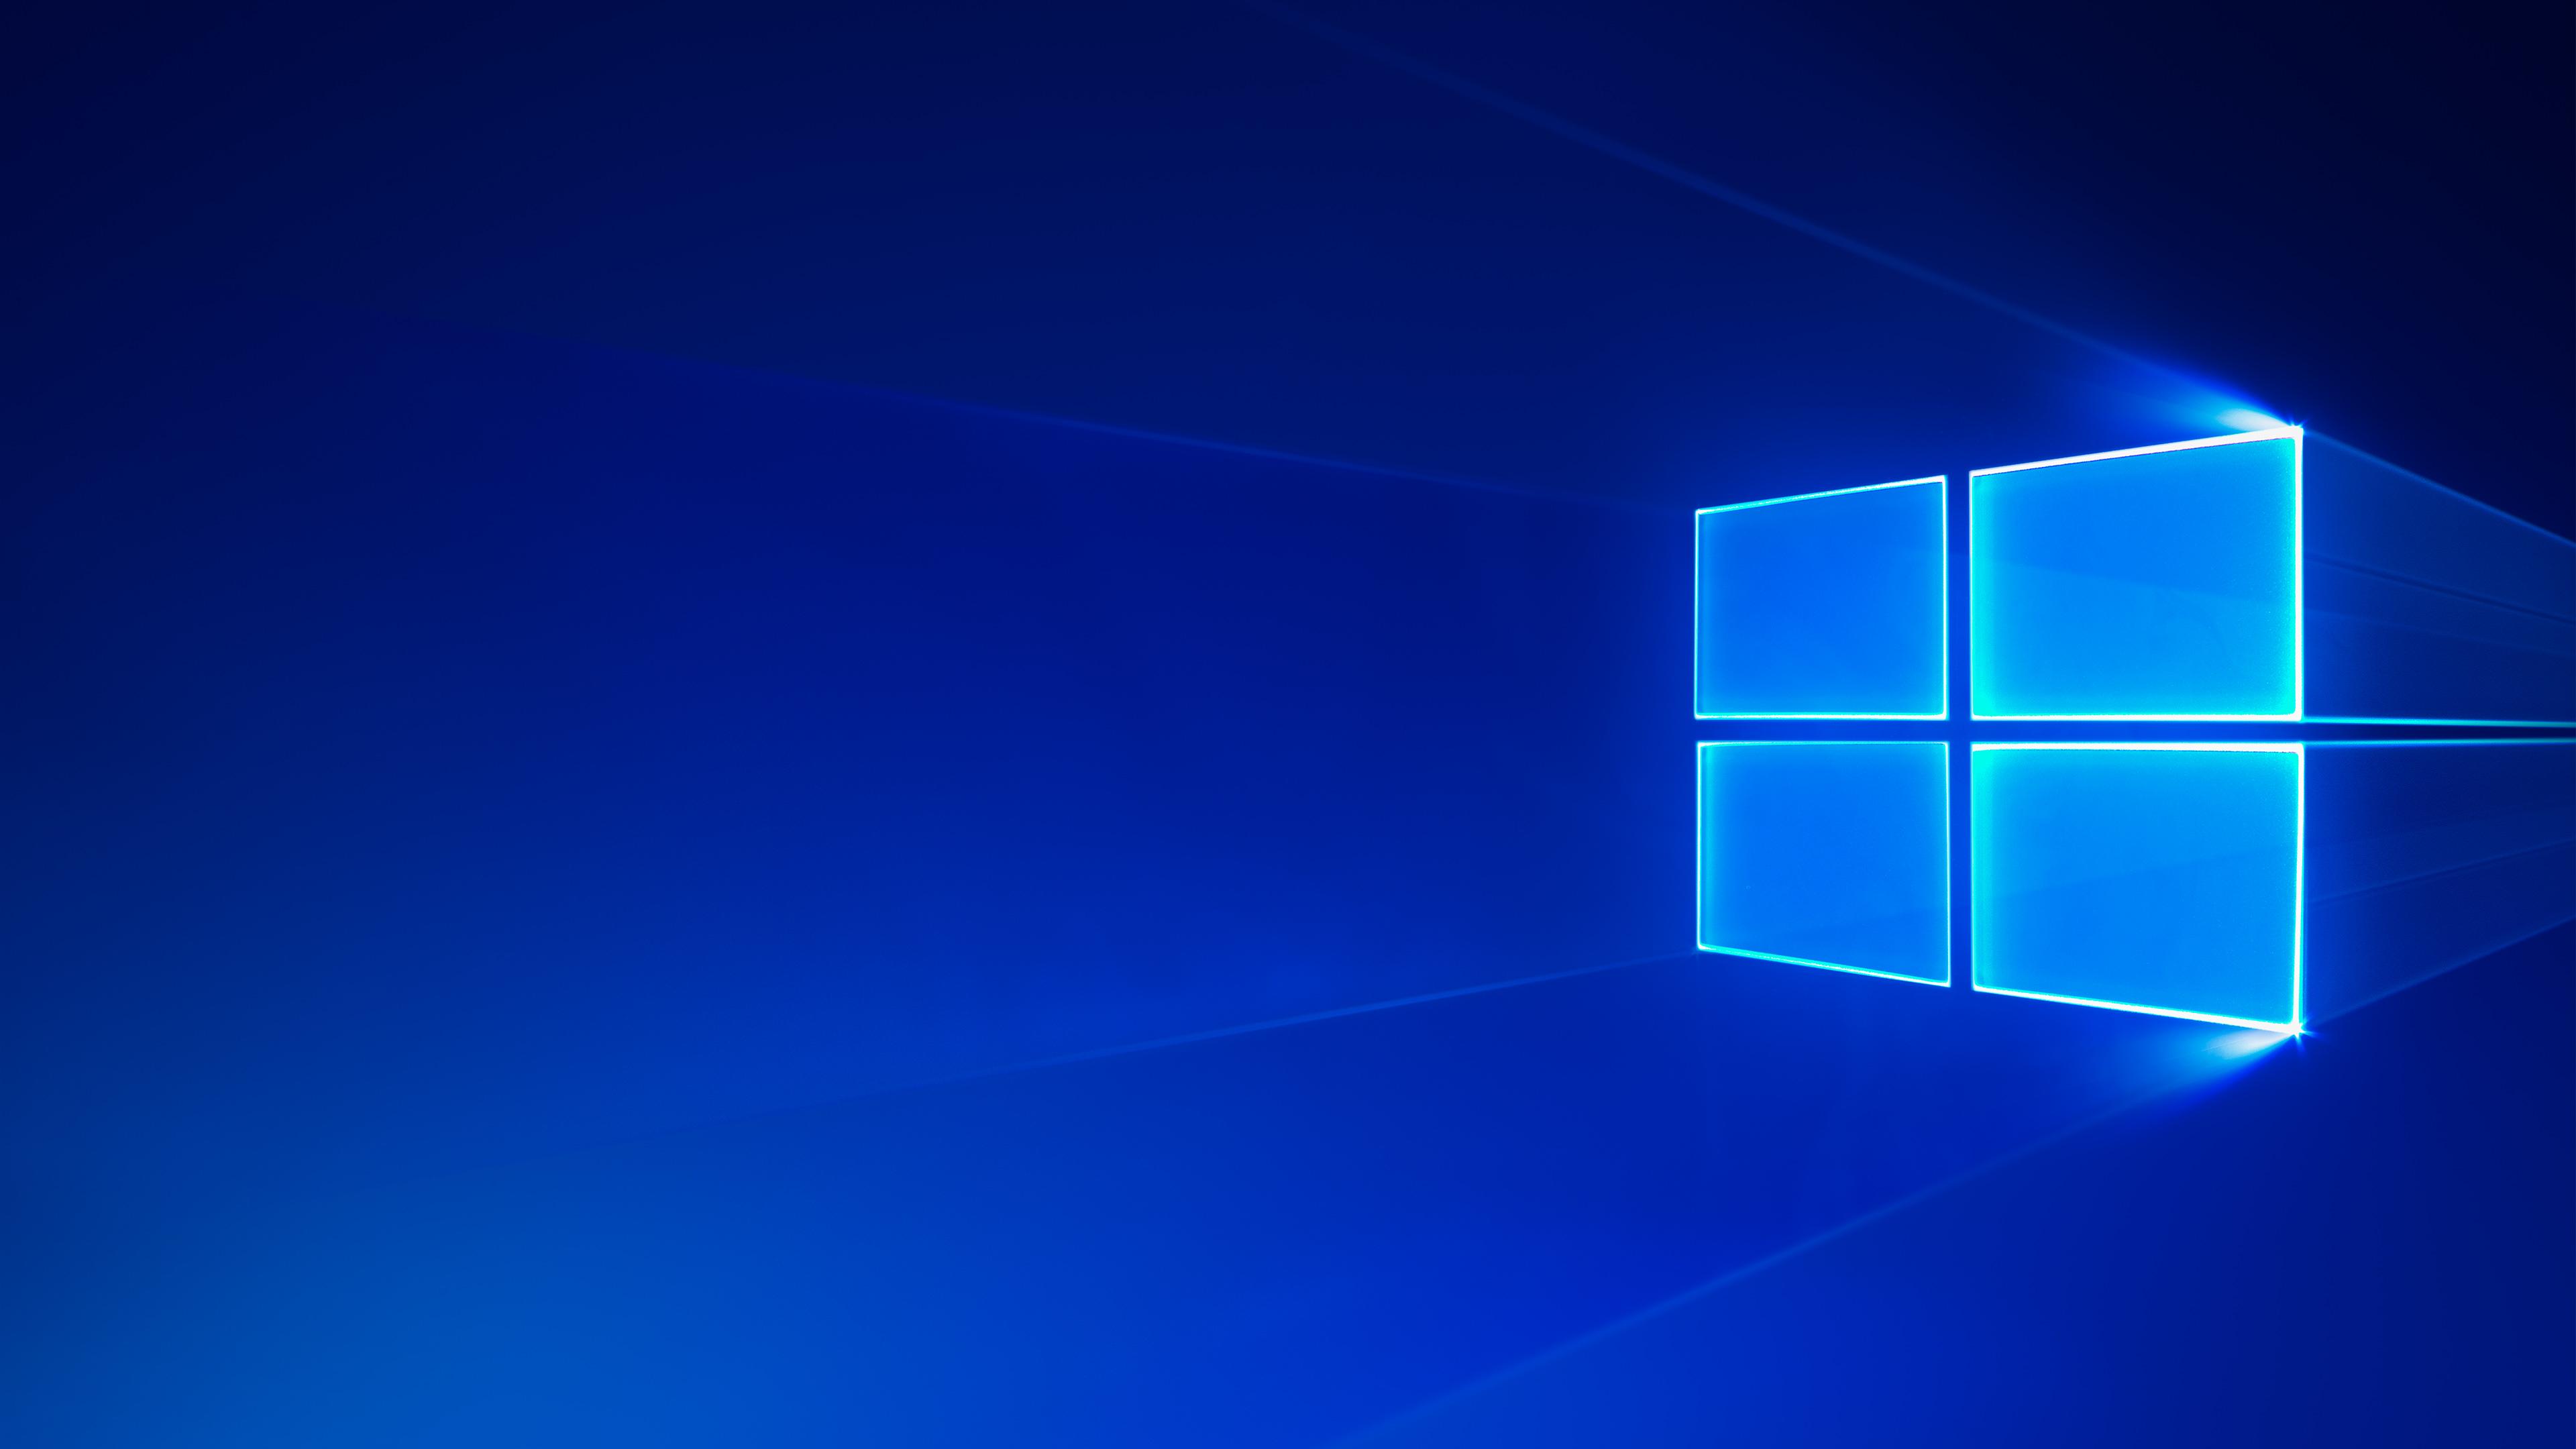 Обновление windows 10 или нет